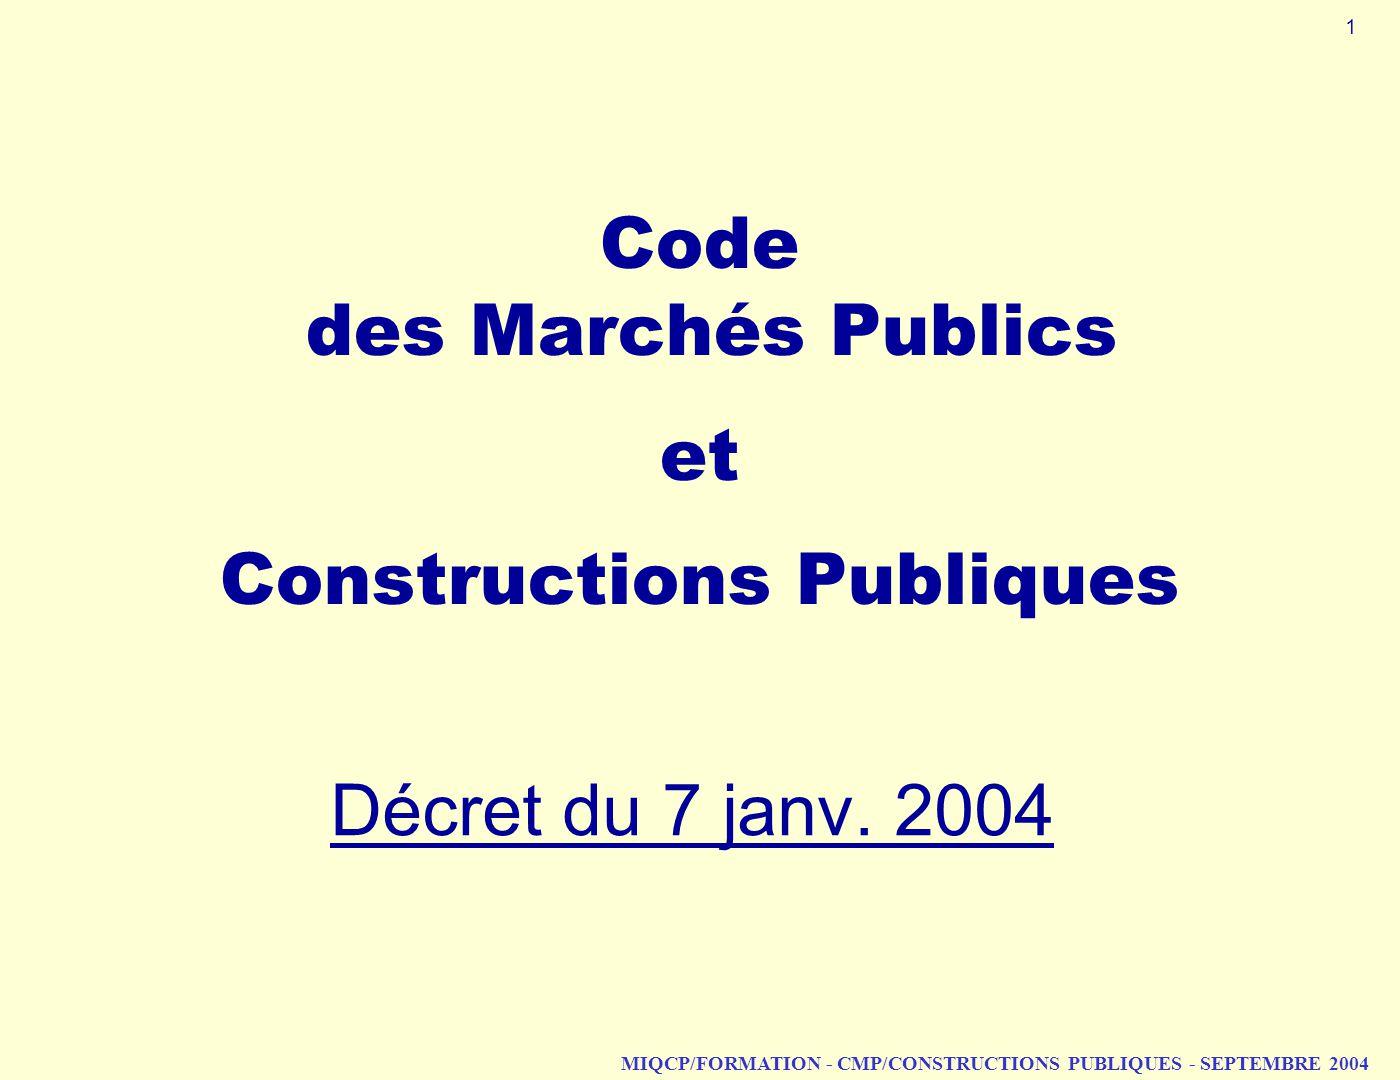 Code des Marchés Publics et Constructions Publiques